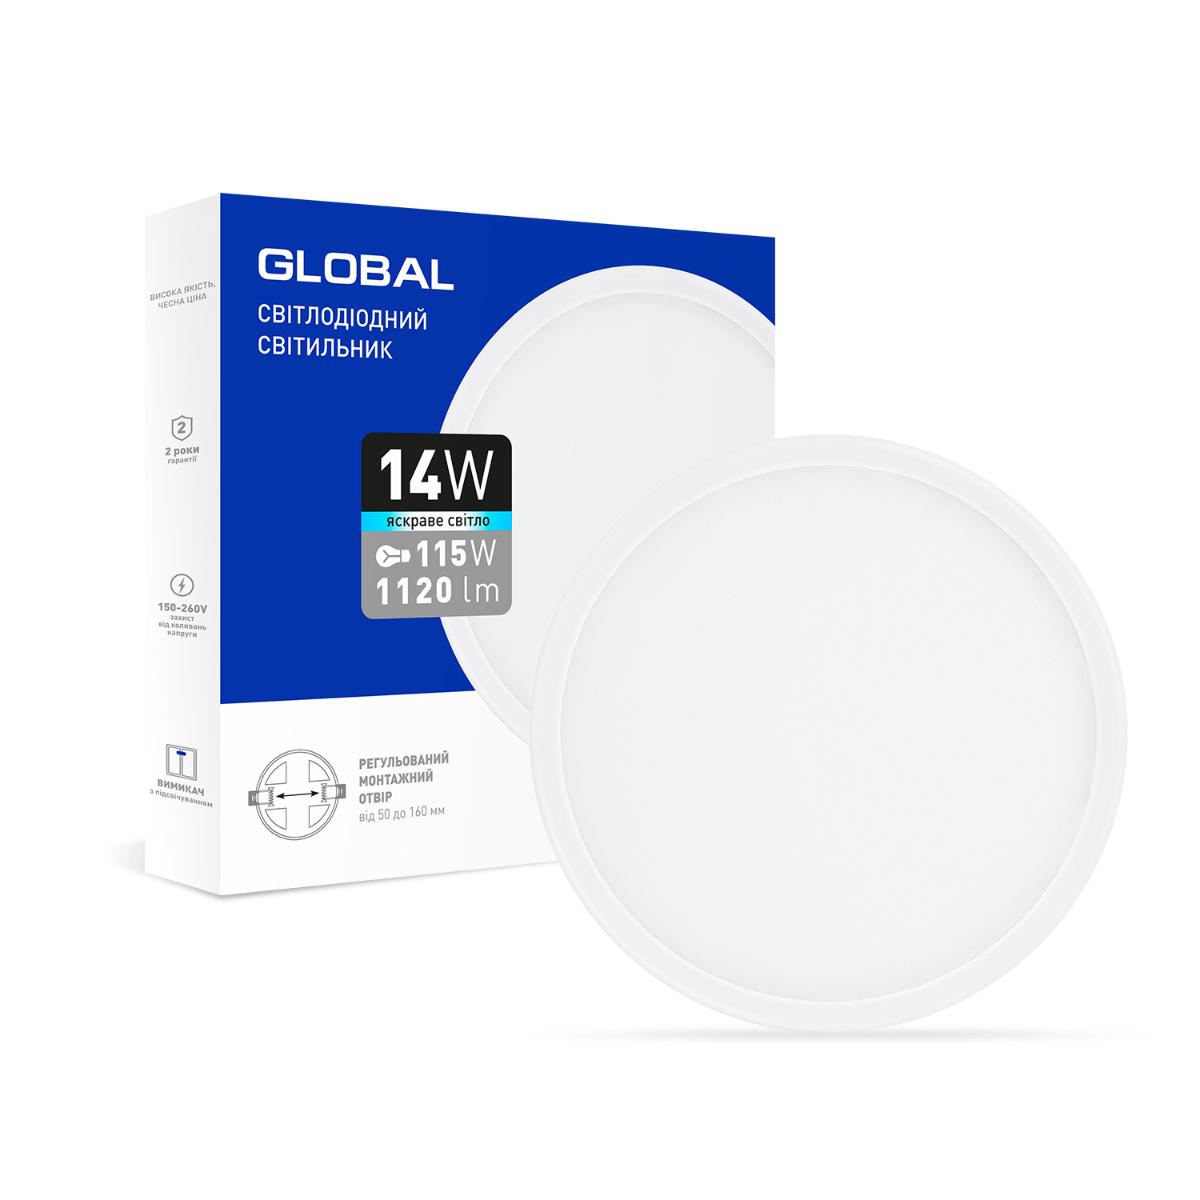 Світильник LED 14W 4100K 1120Lm круглий вбудований Global